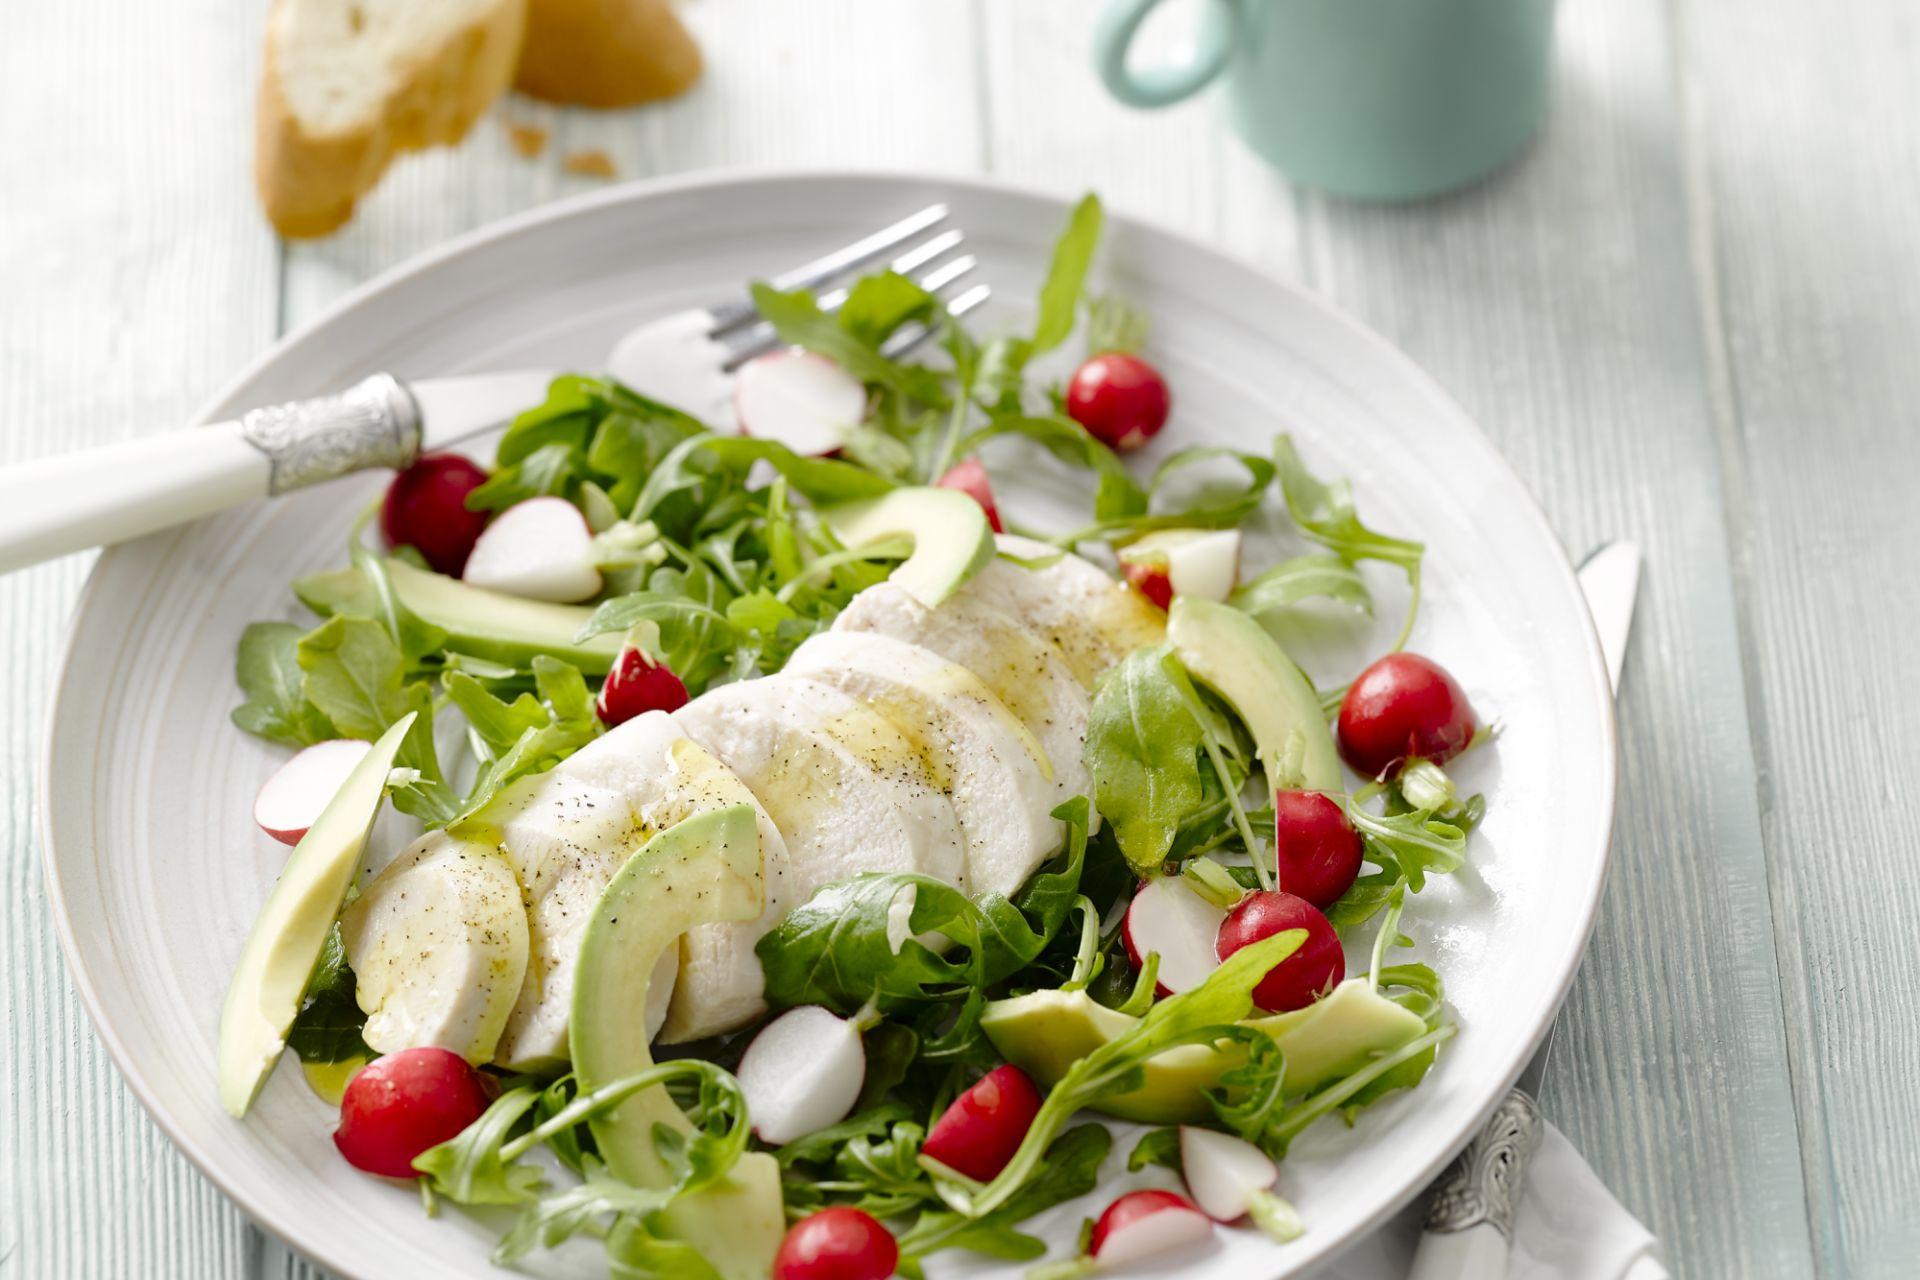 Salade van kip met avocado en rucola